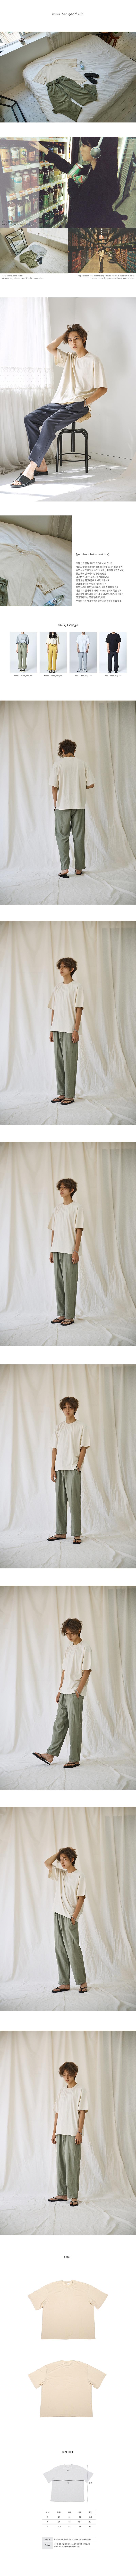 [자토] 히든밴드 (목늘어남방지) 유니섹스 오버핏 반팔티 - beige